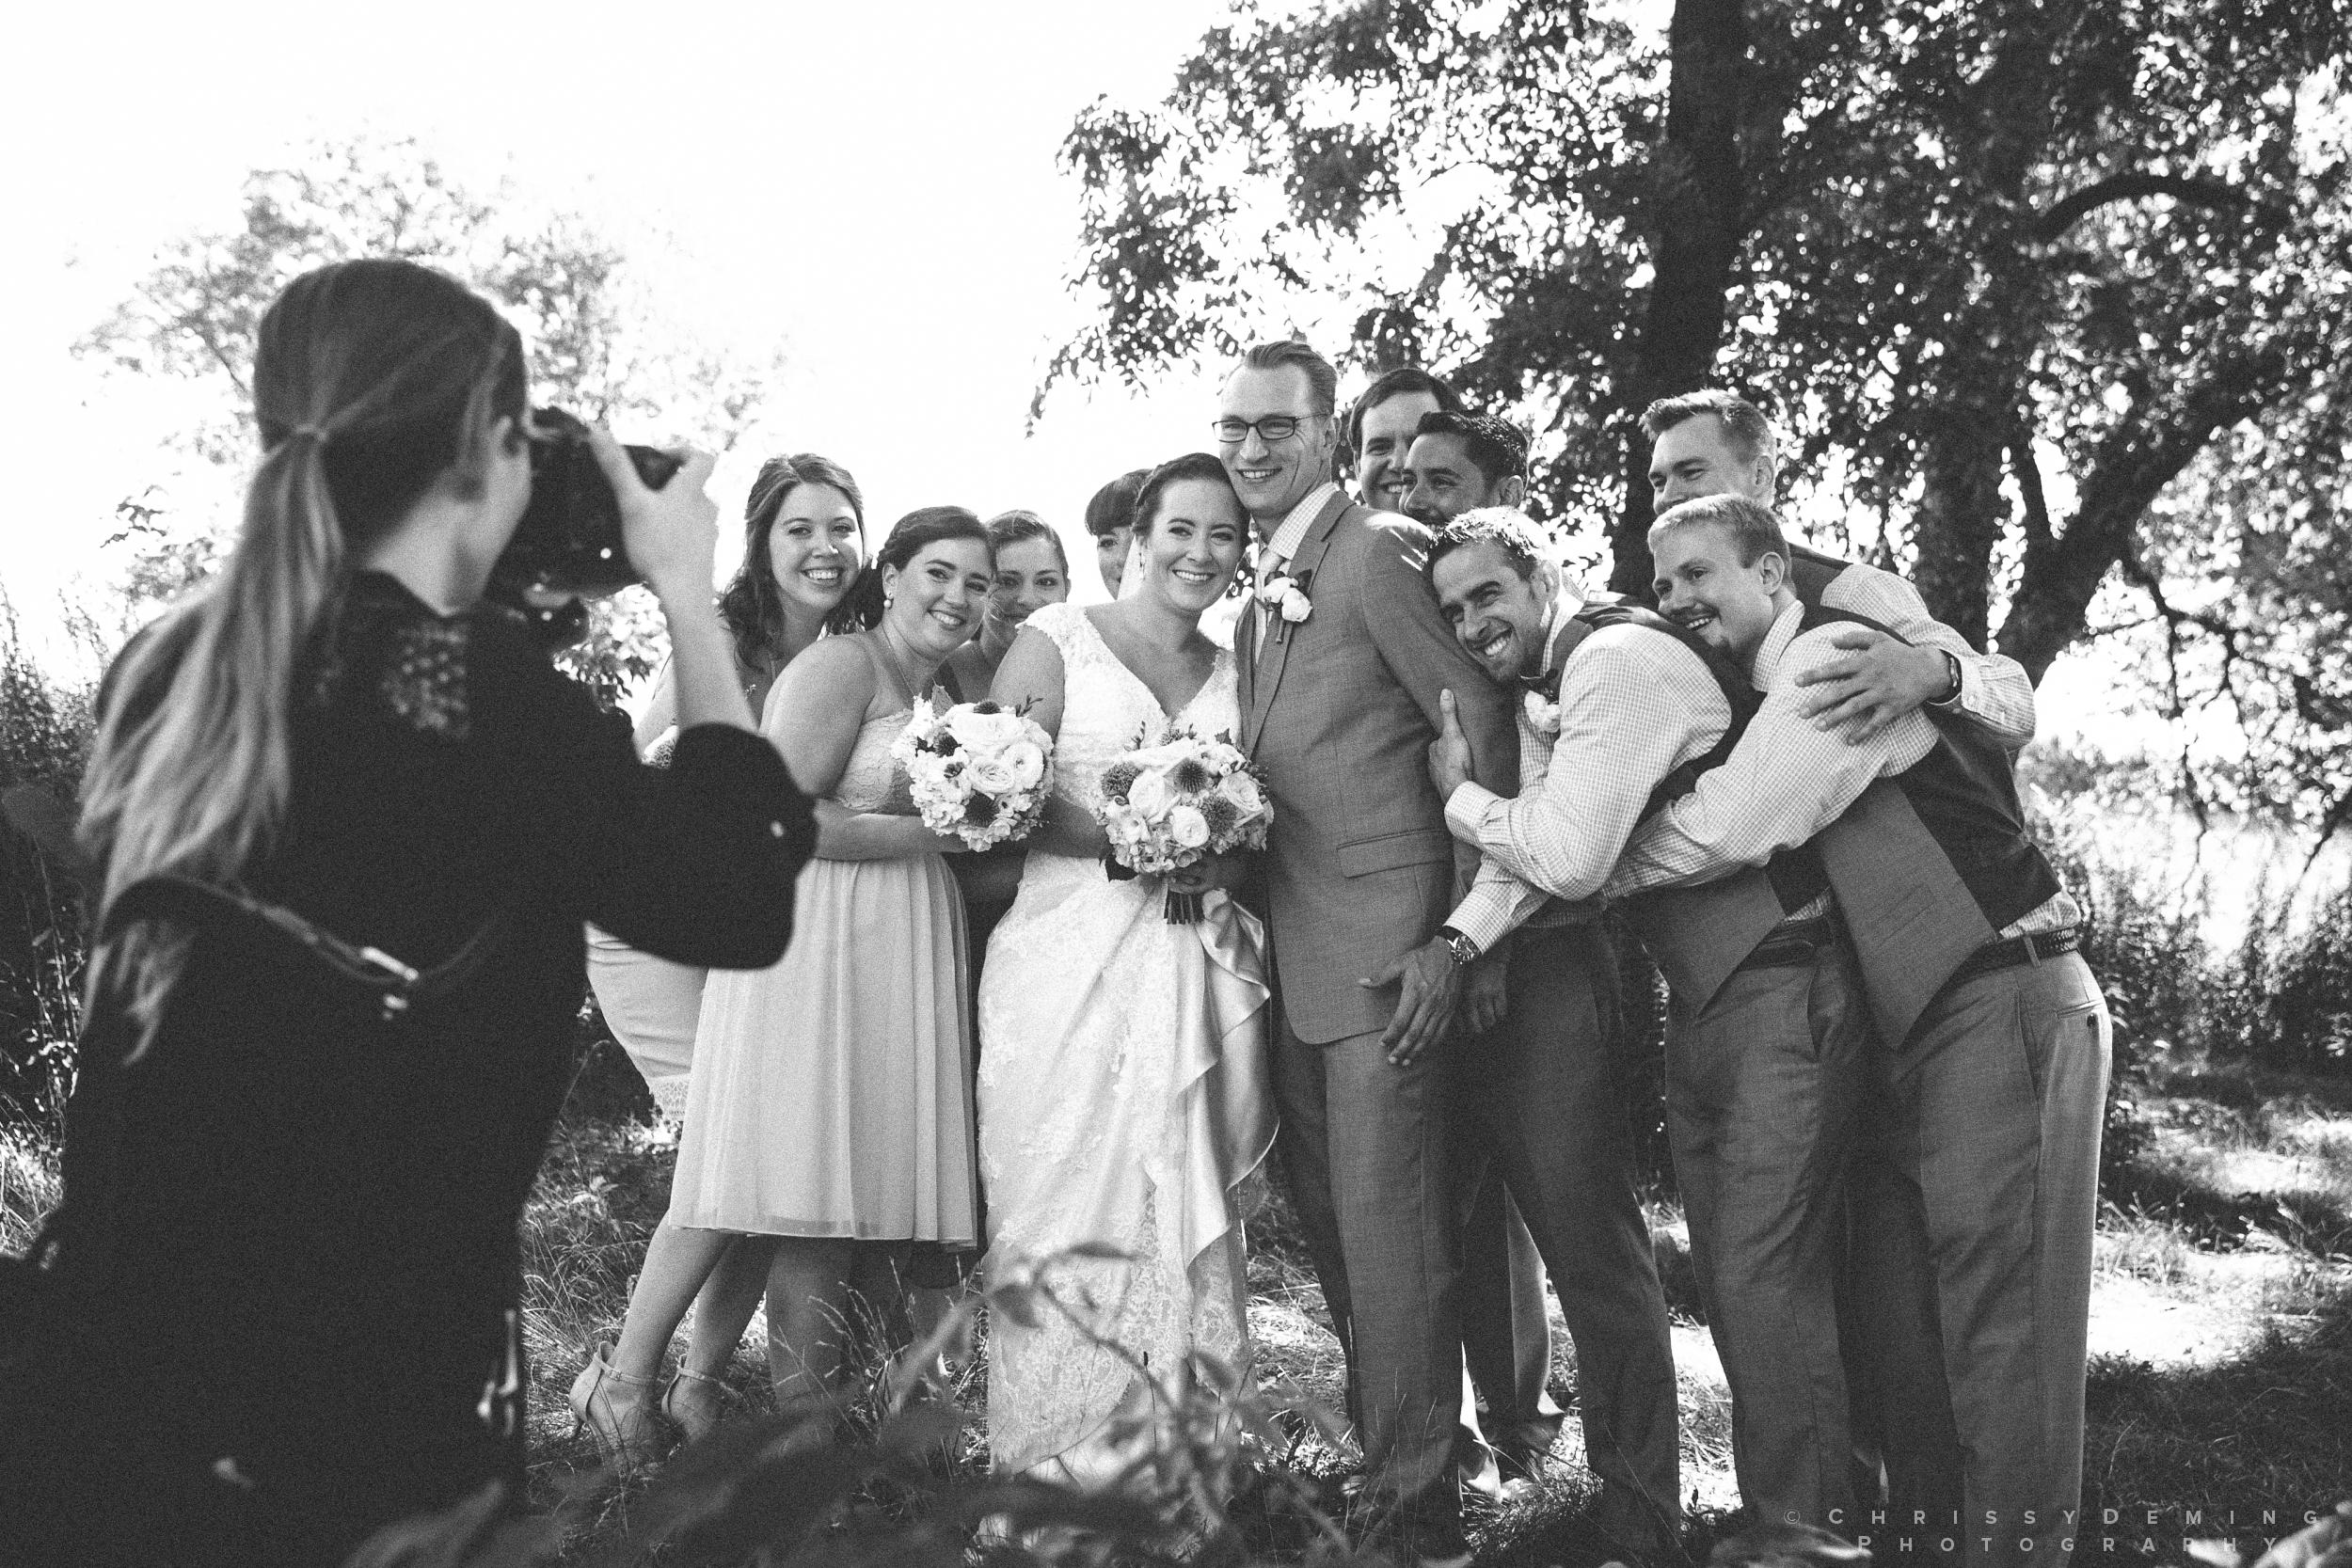 salvatores_chicago_ wedding_photographer_0004.jpg